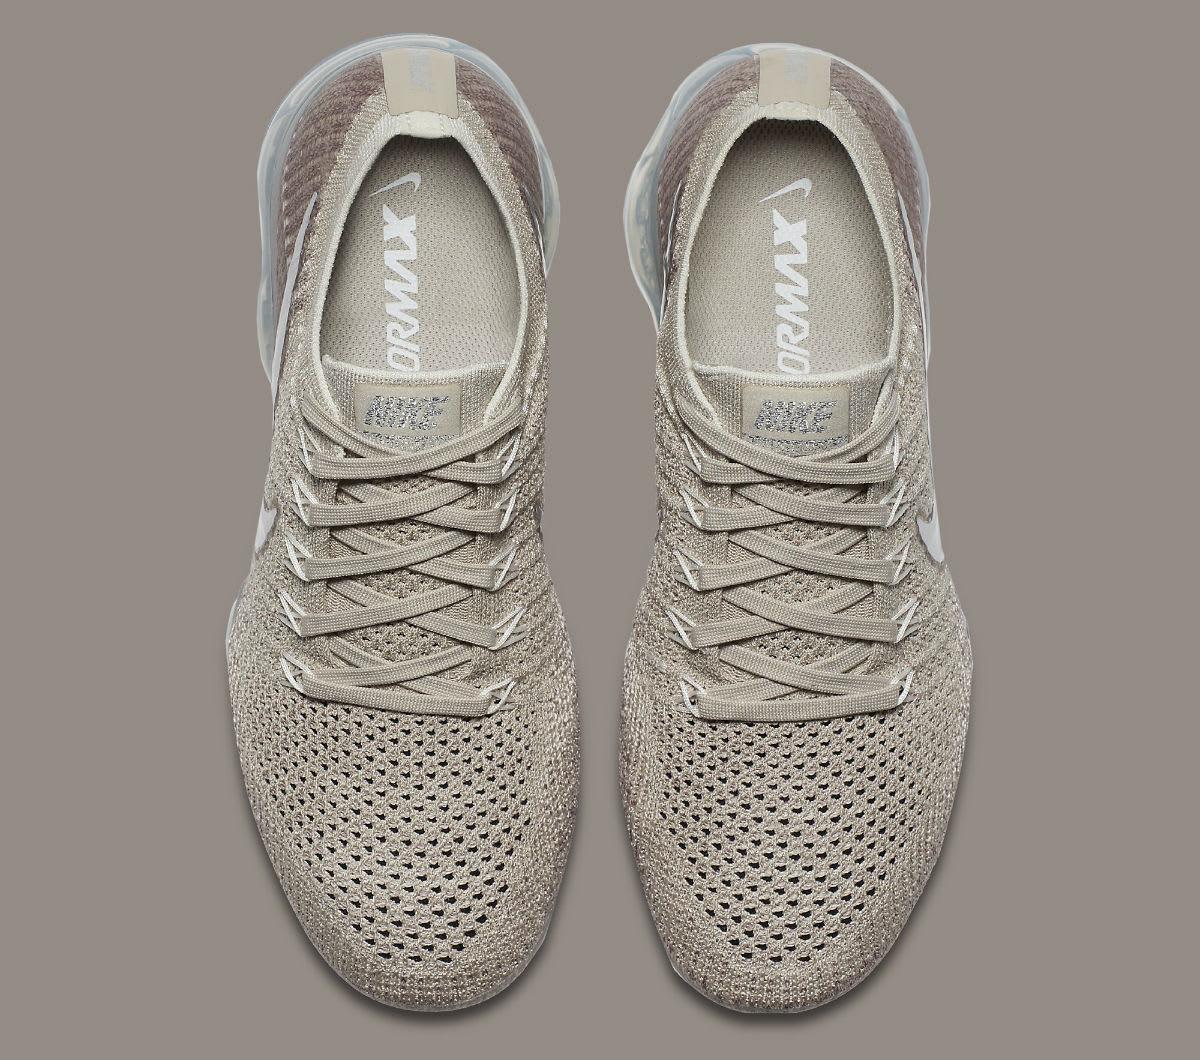 Nike Vapormax Flyknit Beige